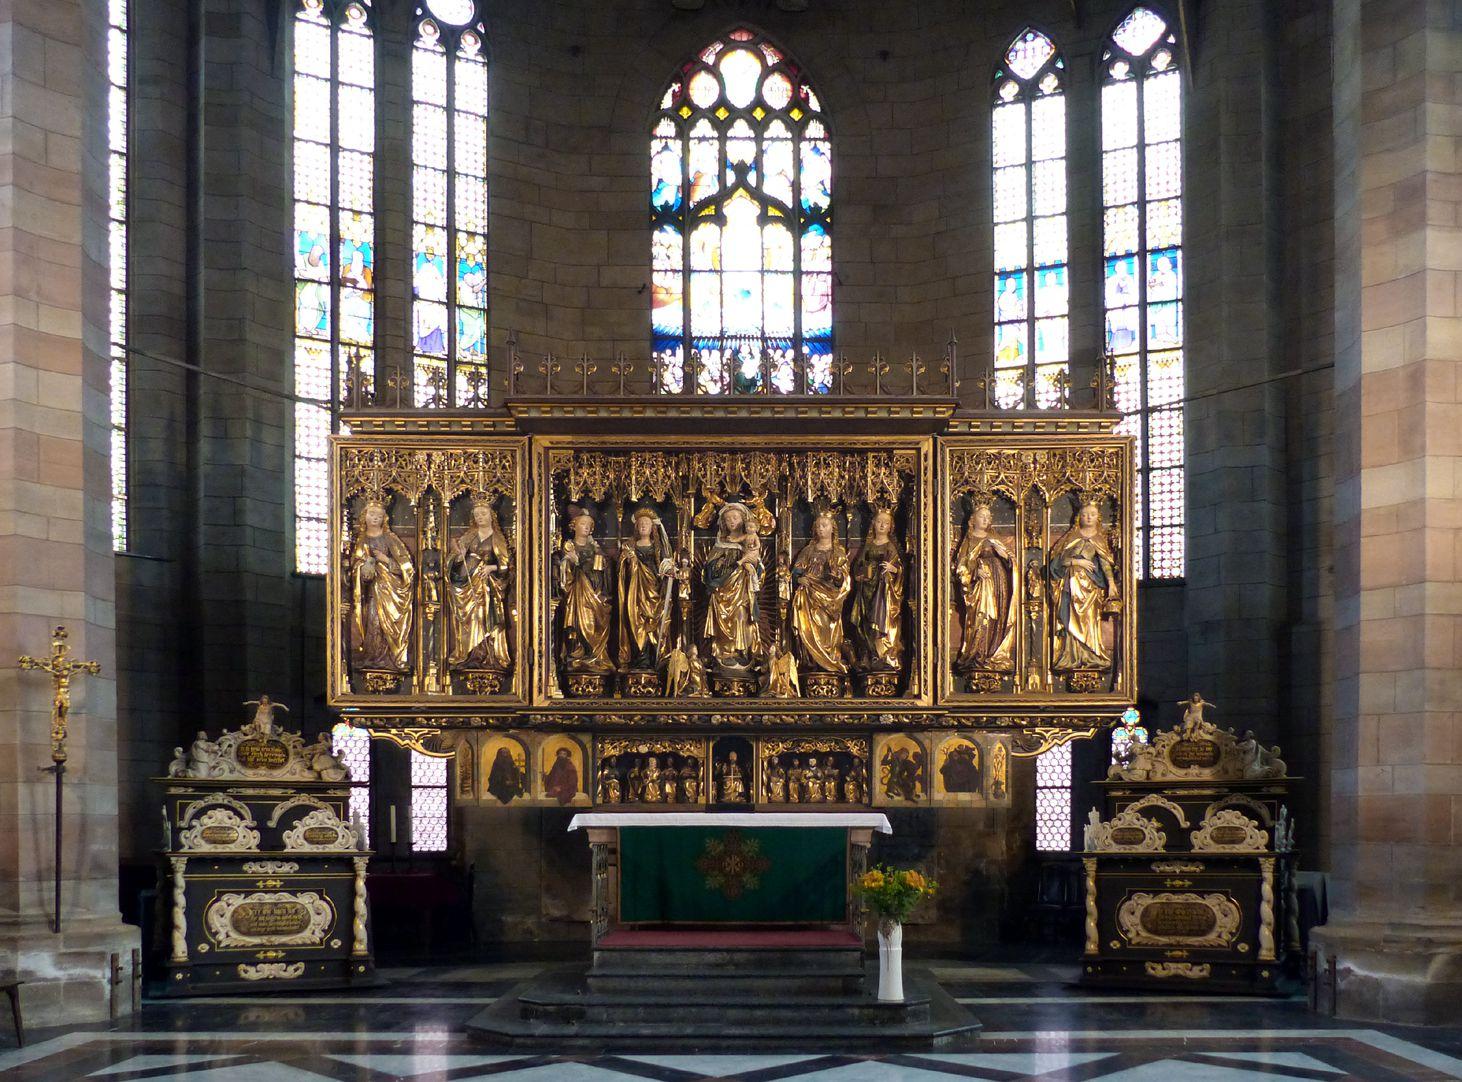 Zwickauer Hochaltarretabel Chor mit Hochaltarretabel